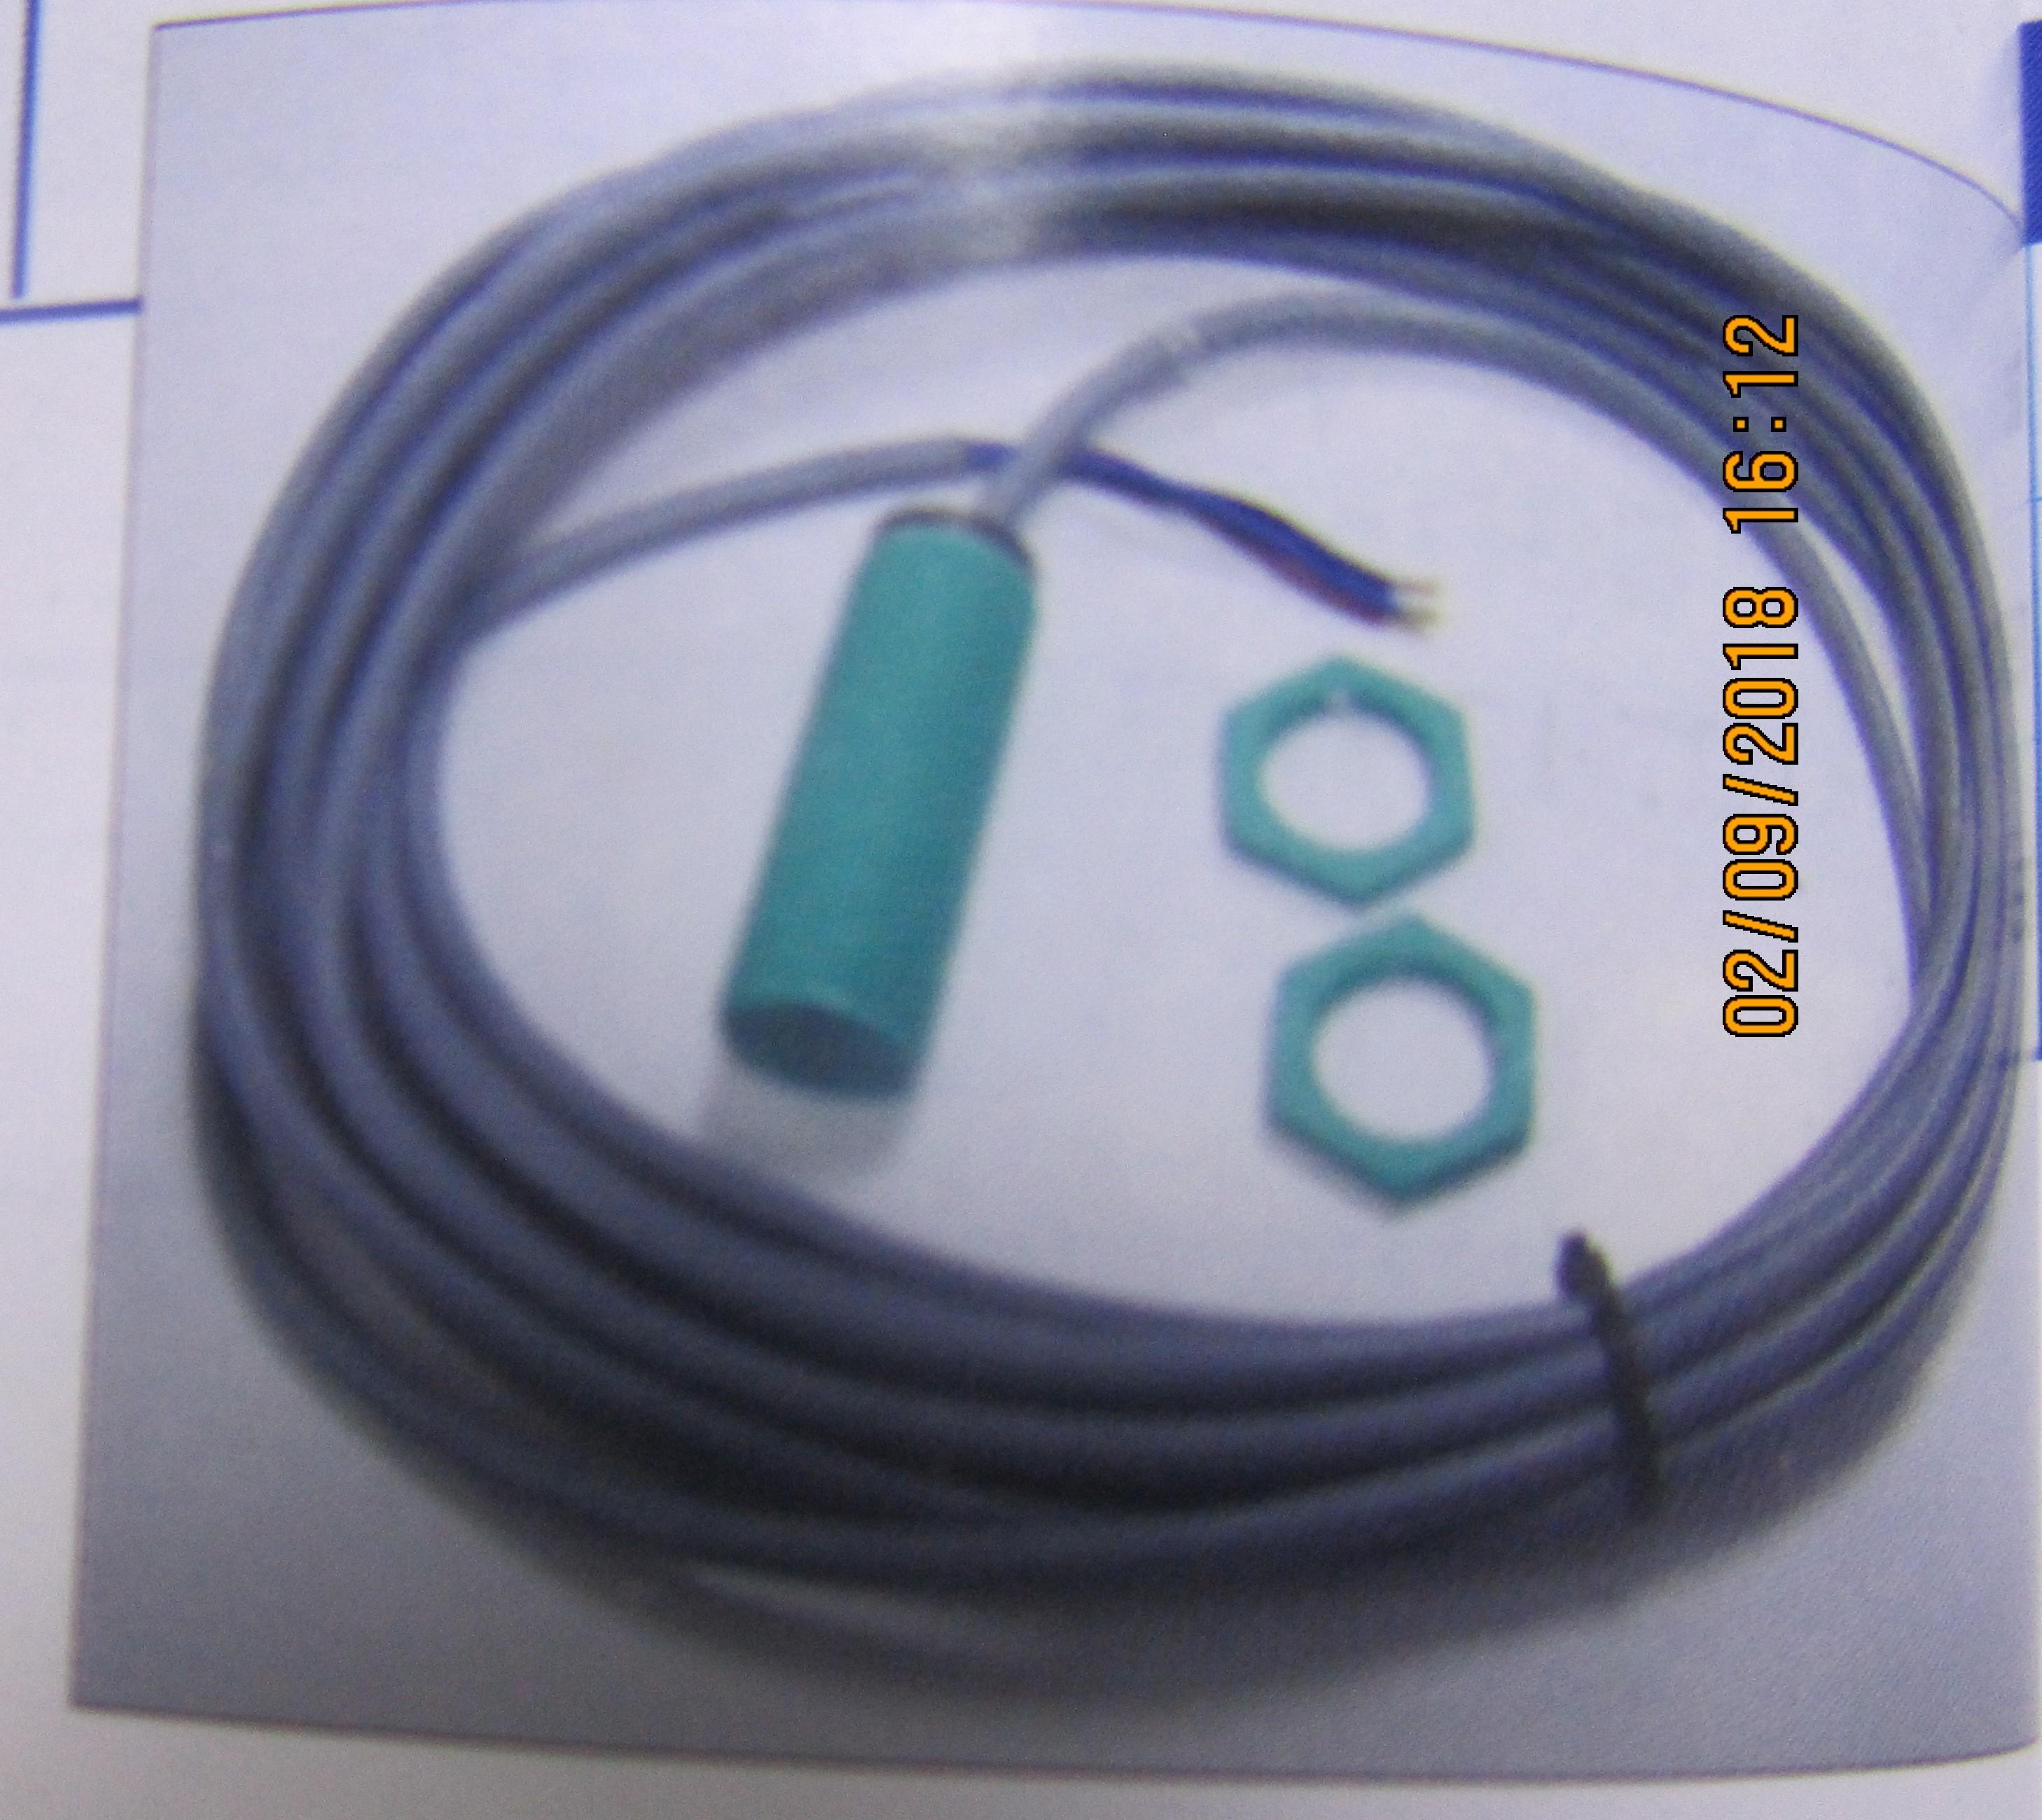 SENSOR DIA 18 NPN NA CABLE L-15 MTR 2100100079 - RGT Marine LLC